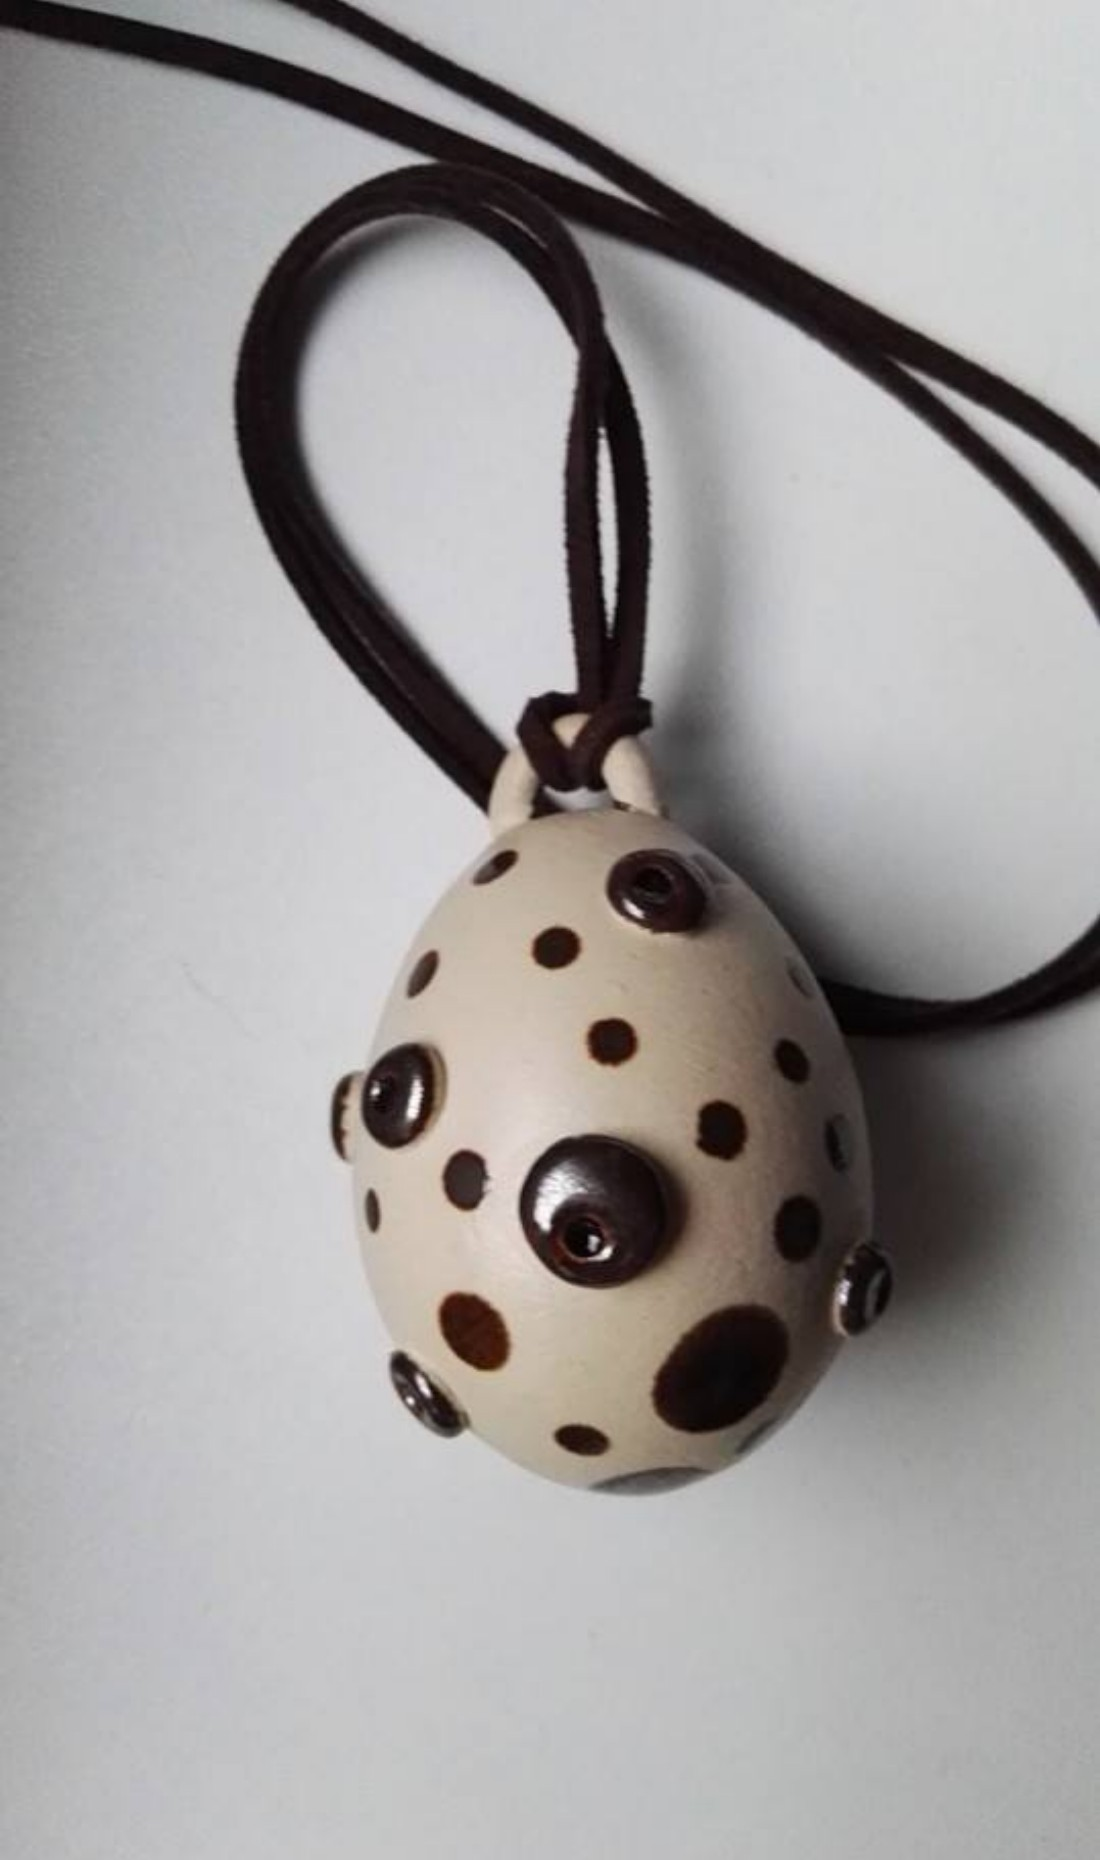 keramika_papuosalai_paulauskaite (13)